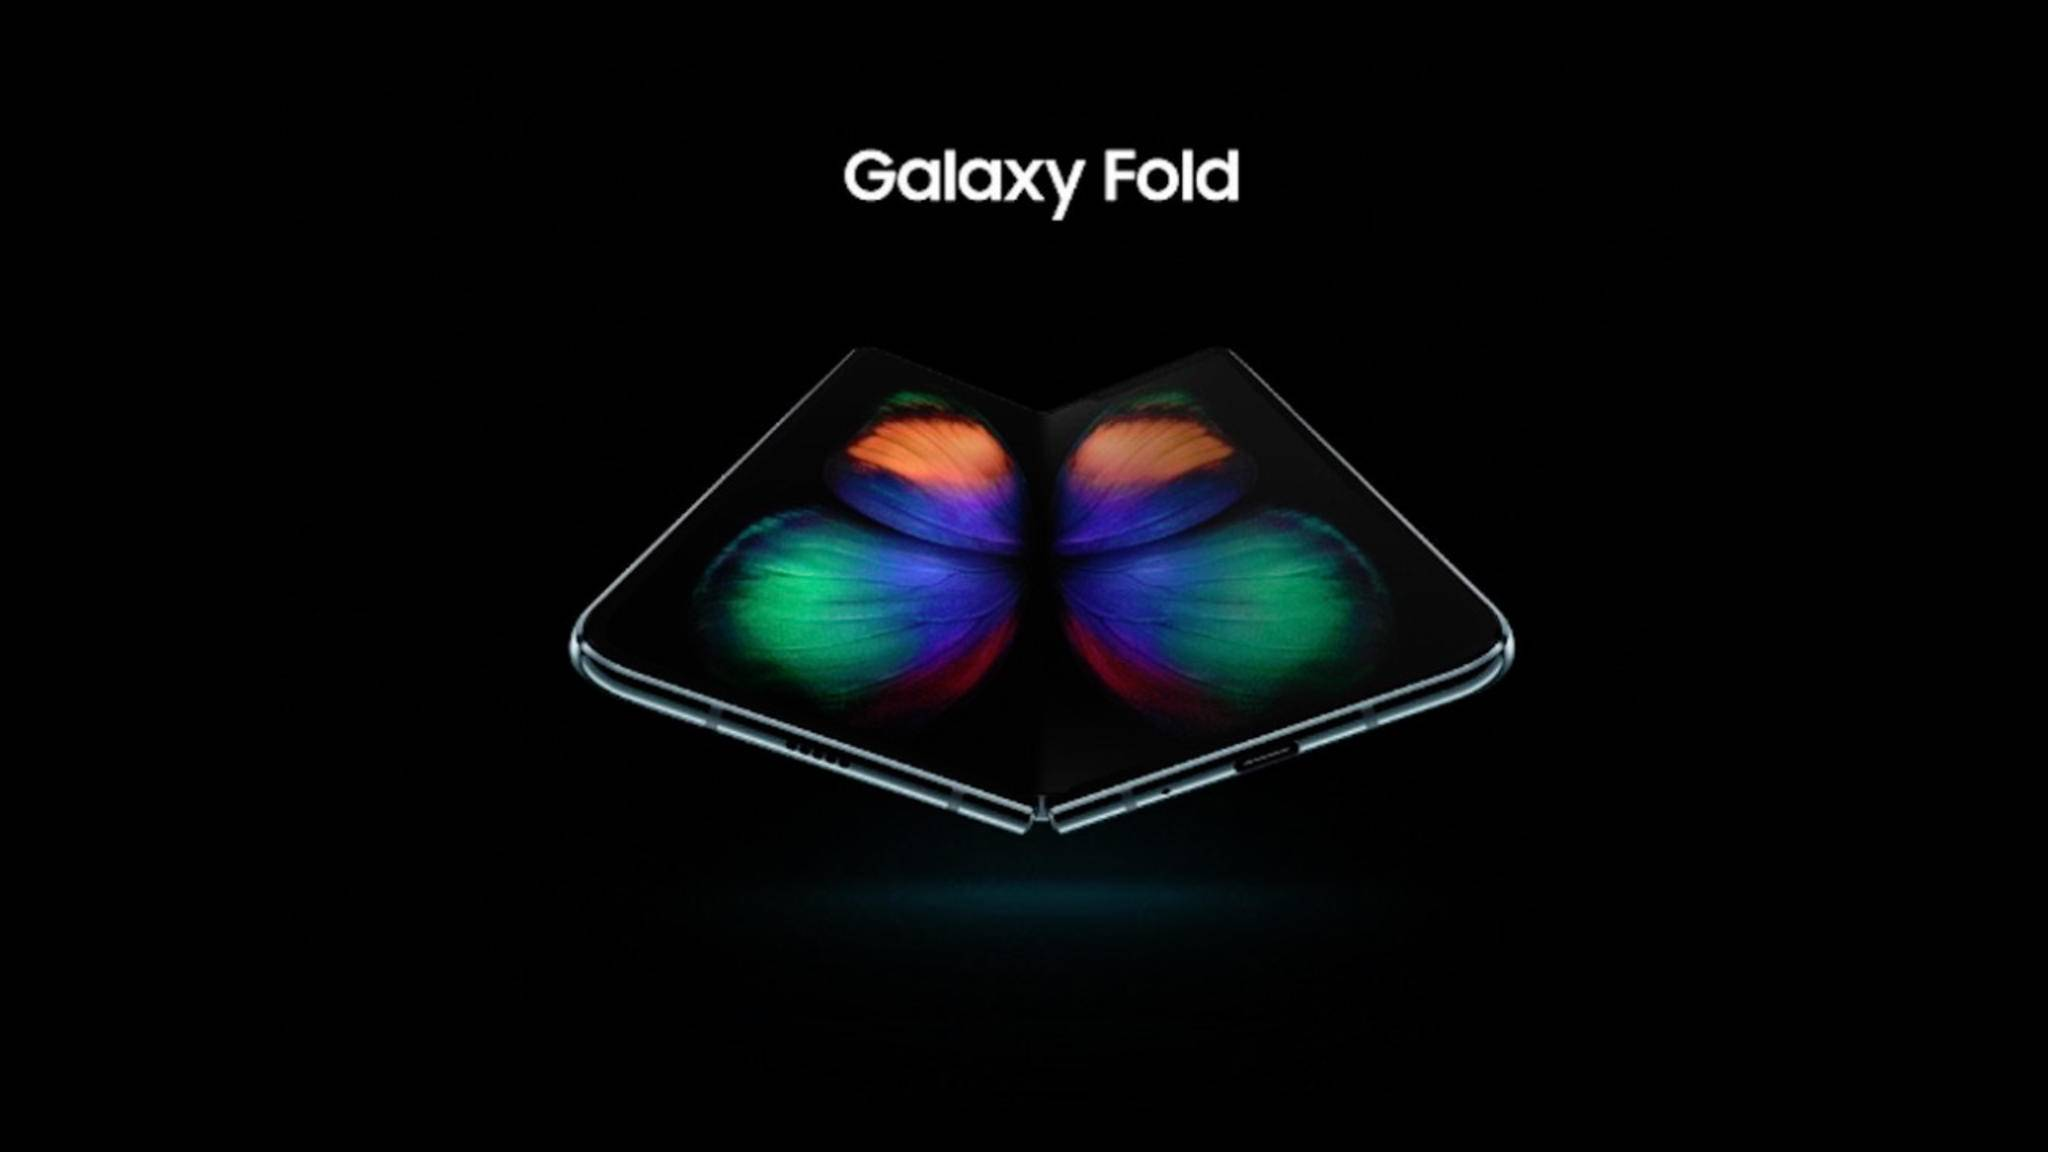 Das Samsung Galaxy Fold soll die Blaupause für zukünftige iPhones werden.